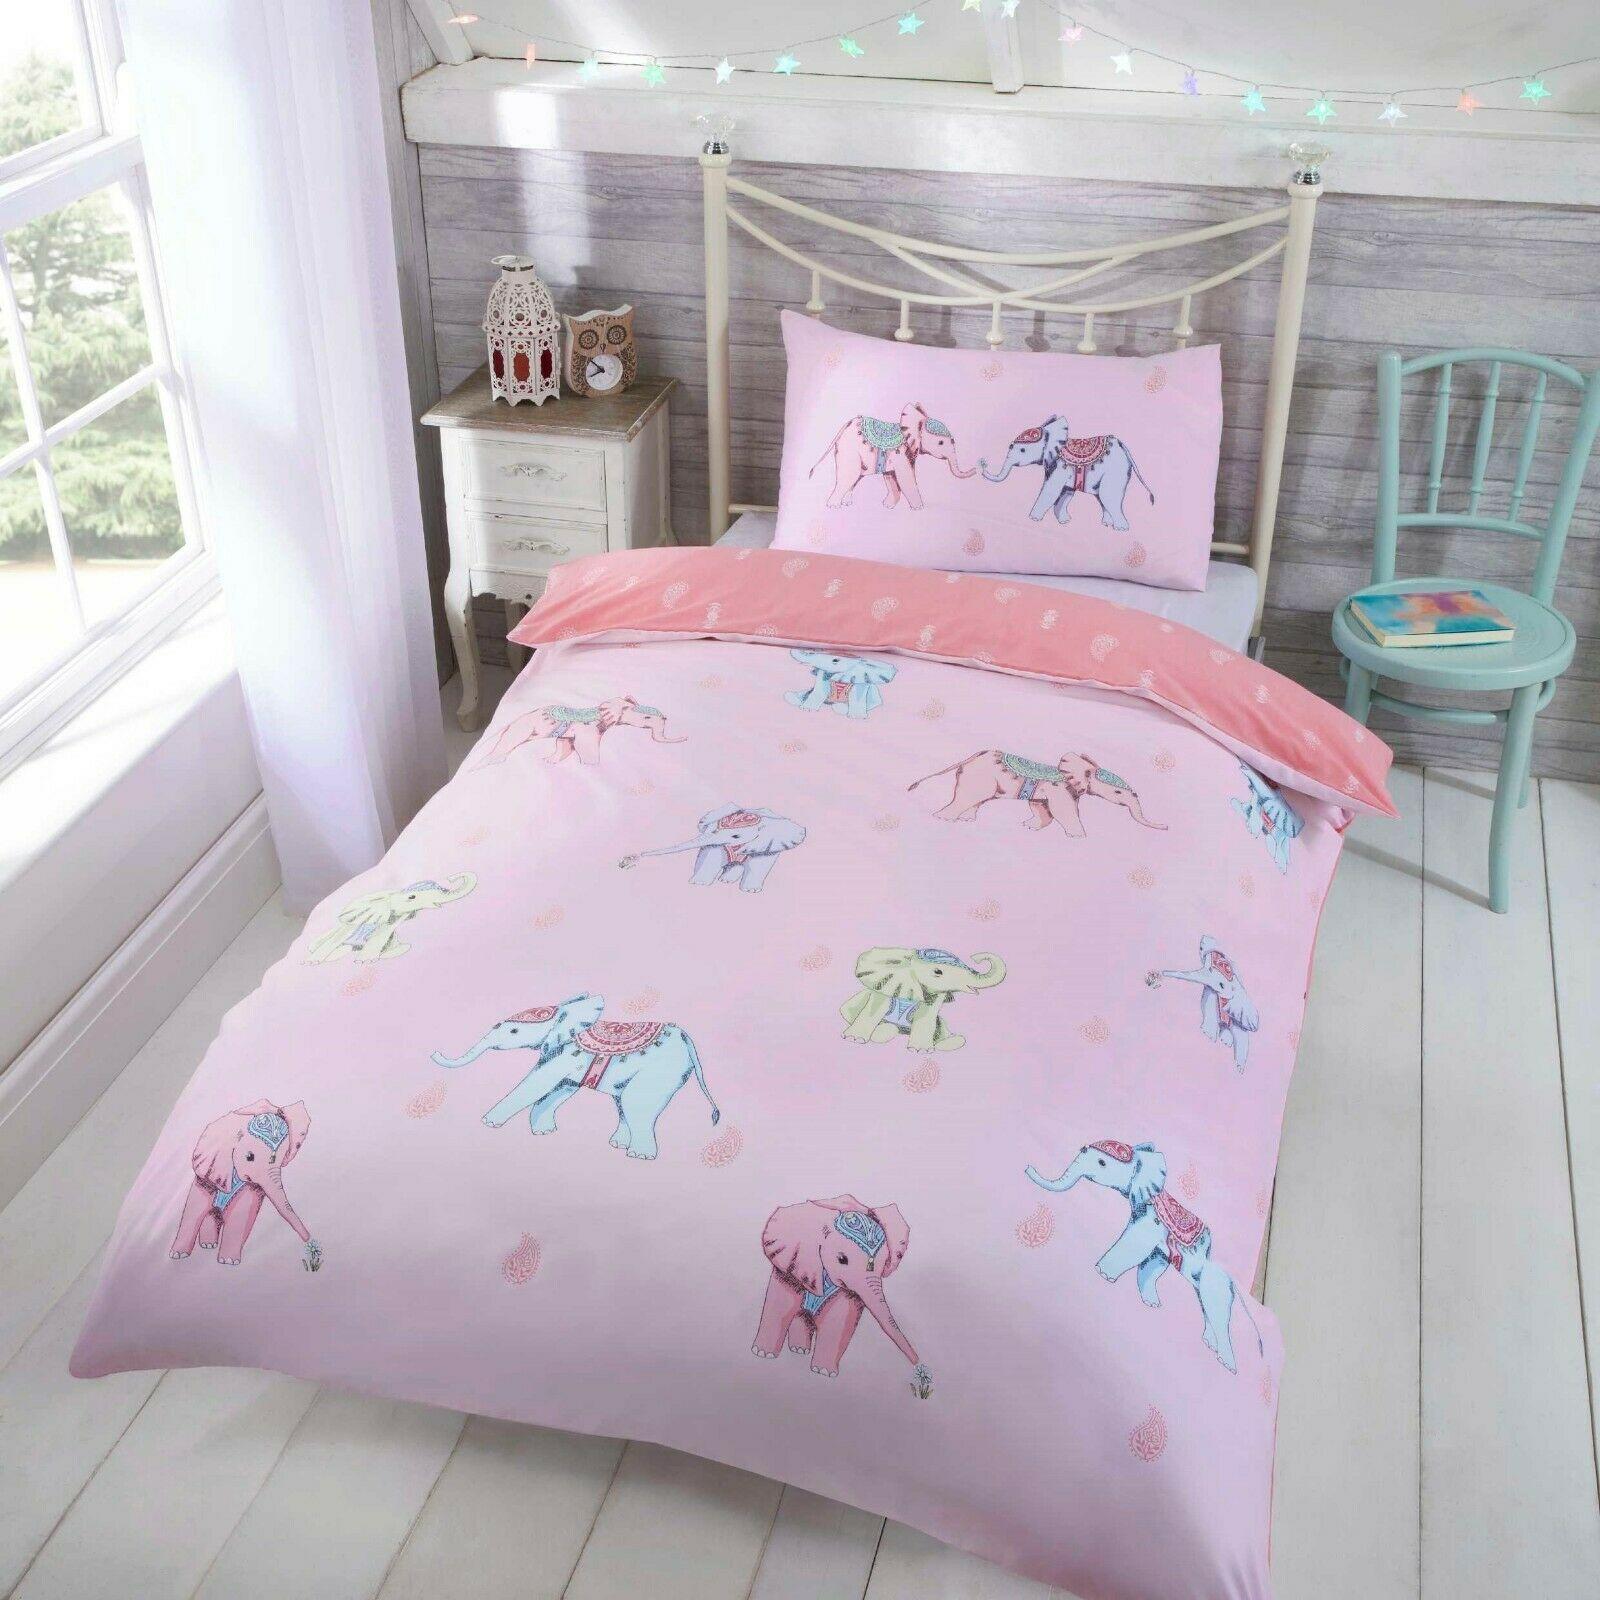 Rapport Kids Children S Ellie Elephant Reversible Duvet Cover Bedding Set Pink Bb Textiles Bb Textiles